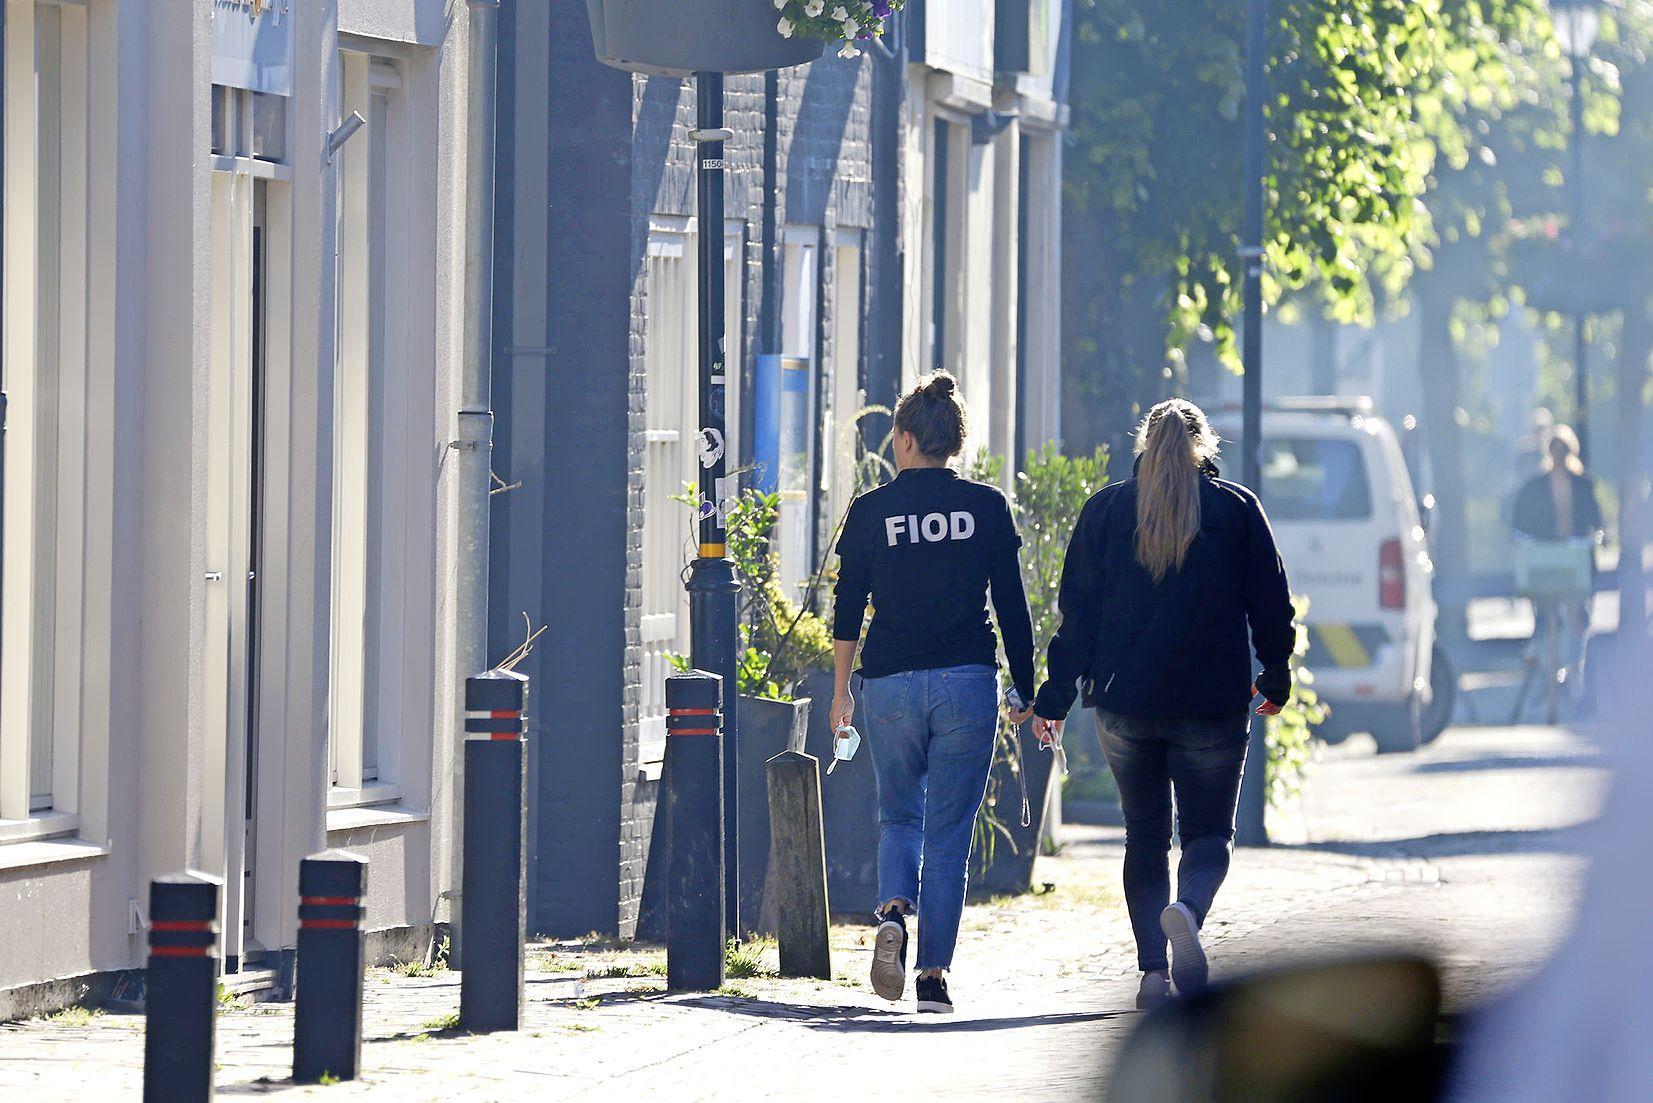 De buurman schrikt wakker: FIOD en douane doen een vroege inval, maar waarvoor?